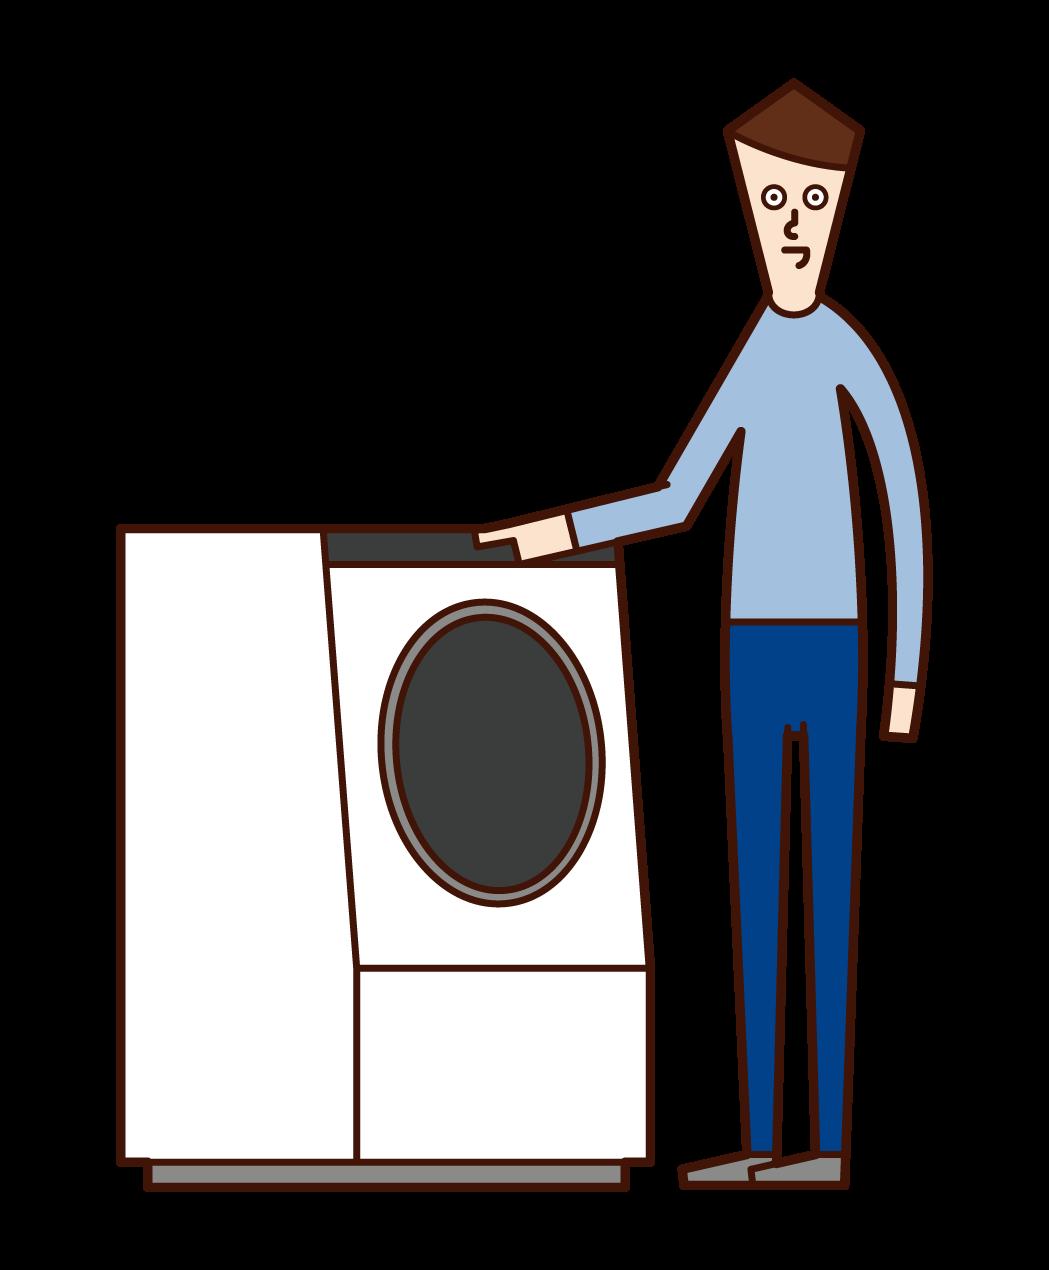 세탁기를 사용하는 사람 (남성)의 그림